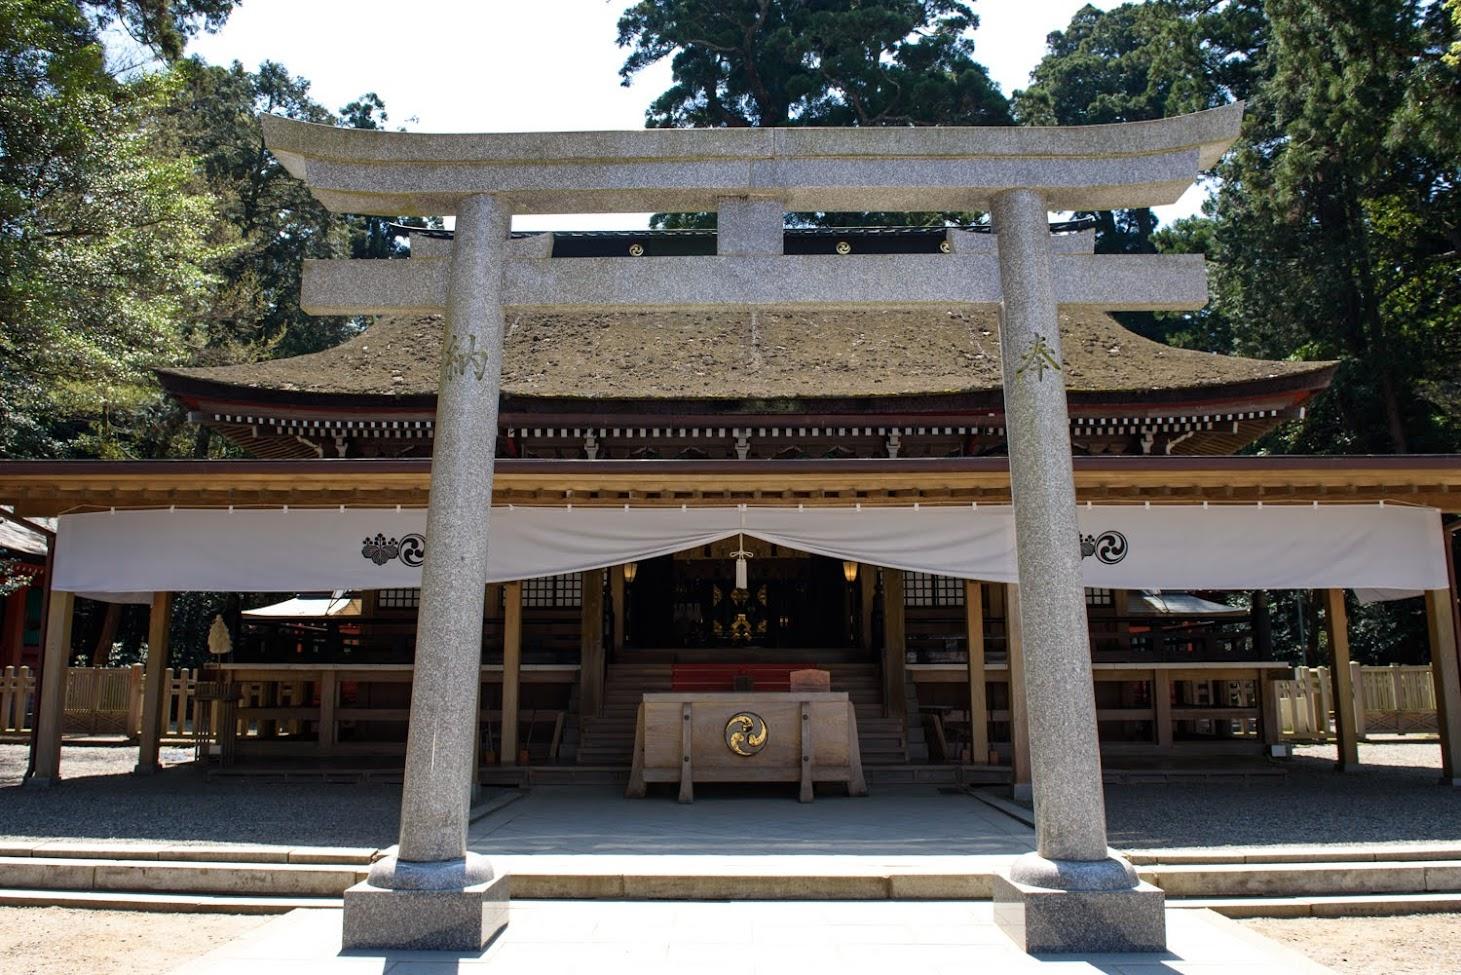 【旅8日目】東国三社の一社「鹿島神宮」で参拝してから大洗へ